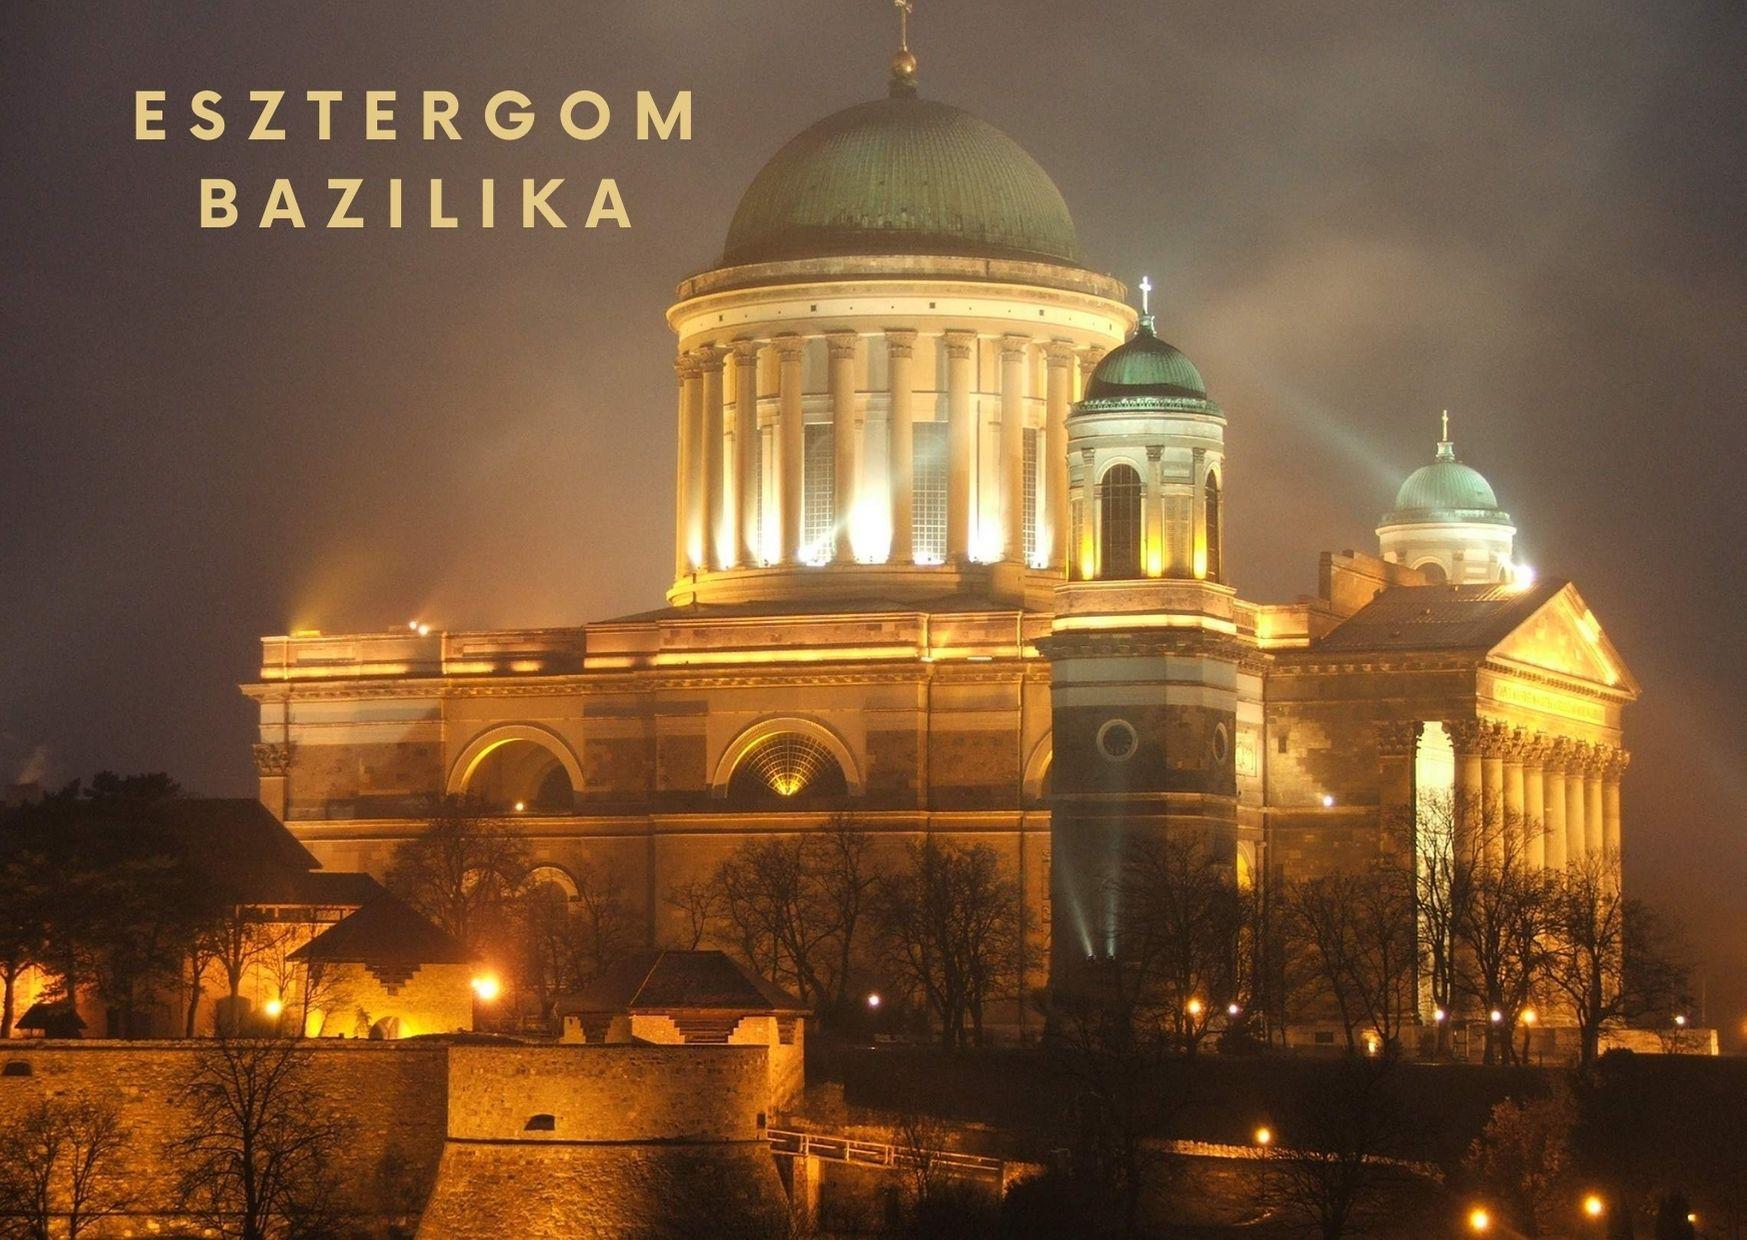 Esztergom Bazilika.jpg